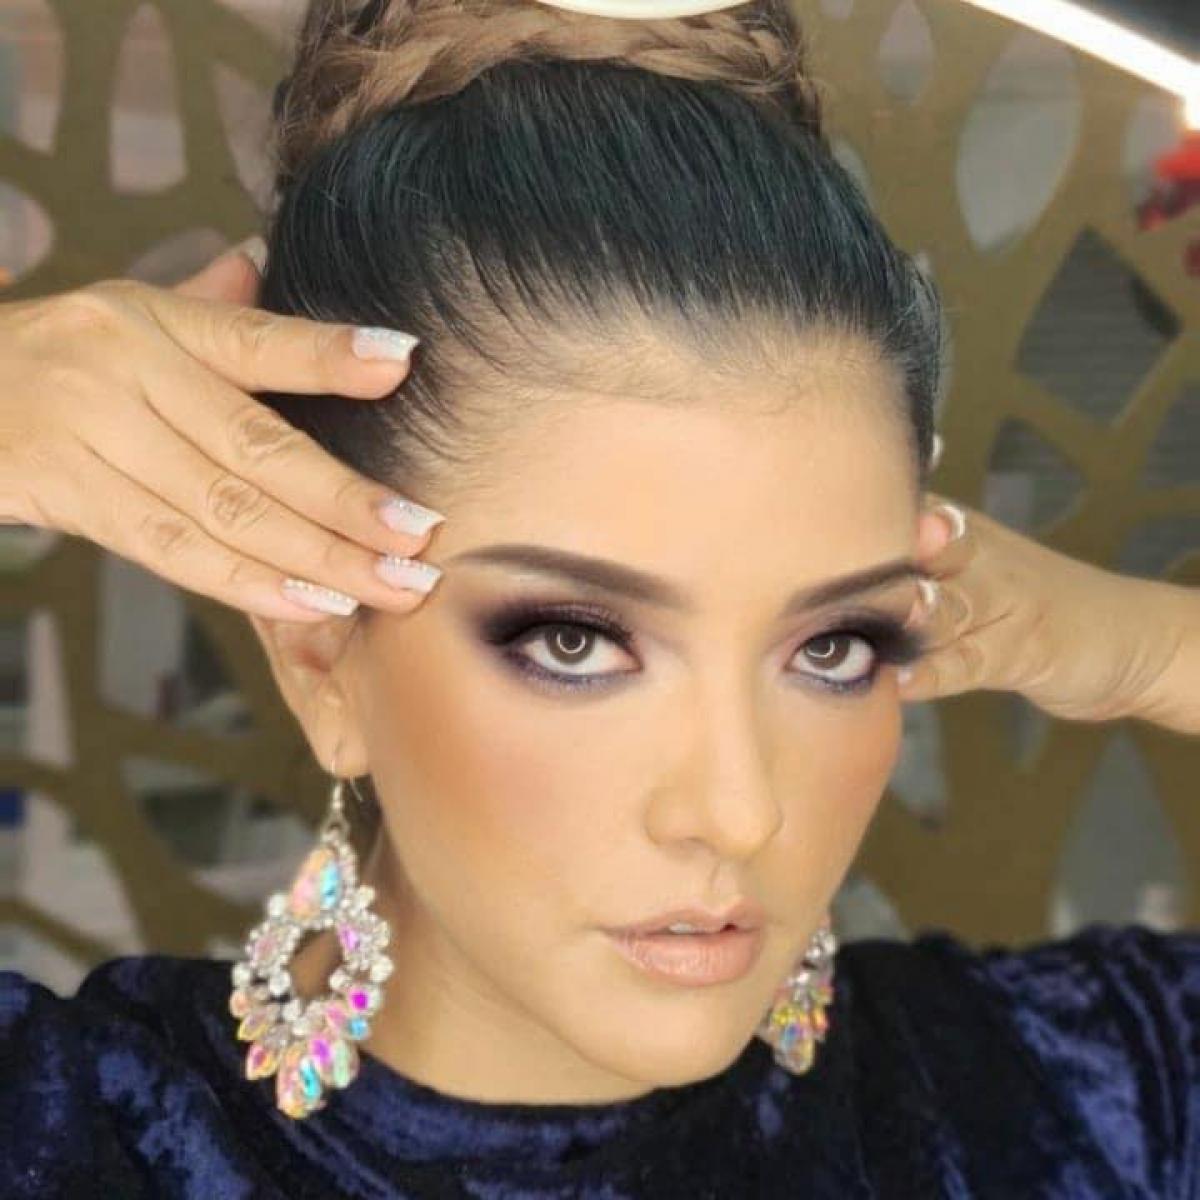 Người đẹp hiện là MC của các đài MVM News Oaxaca, TV Azteca Oaxaca, Ultratelevisión Puebla và TV Azteca Puebla ở Mexico.